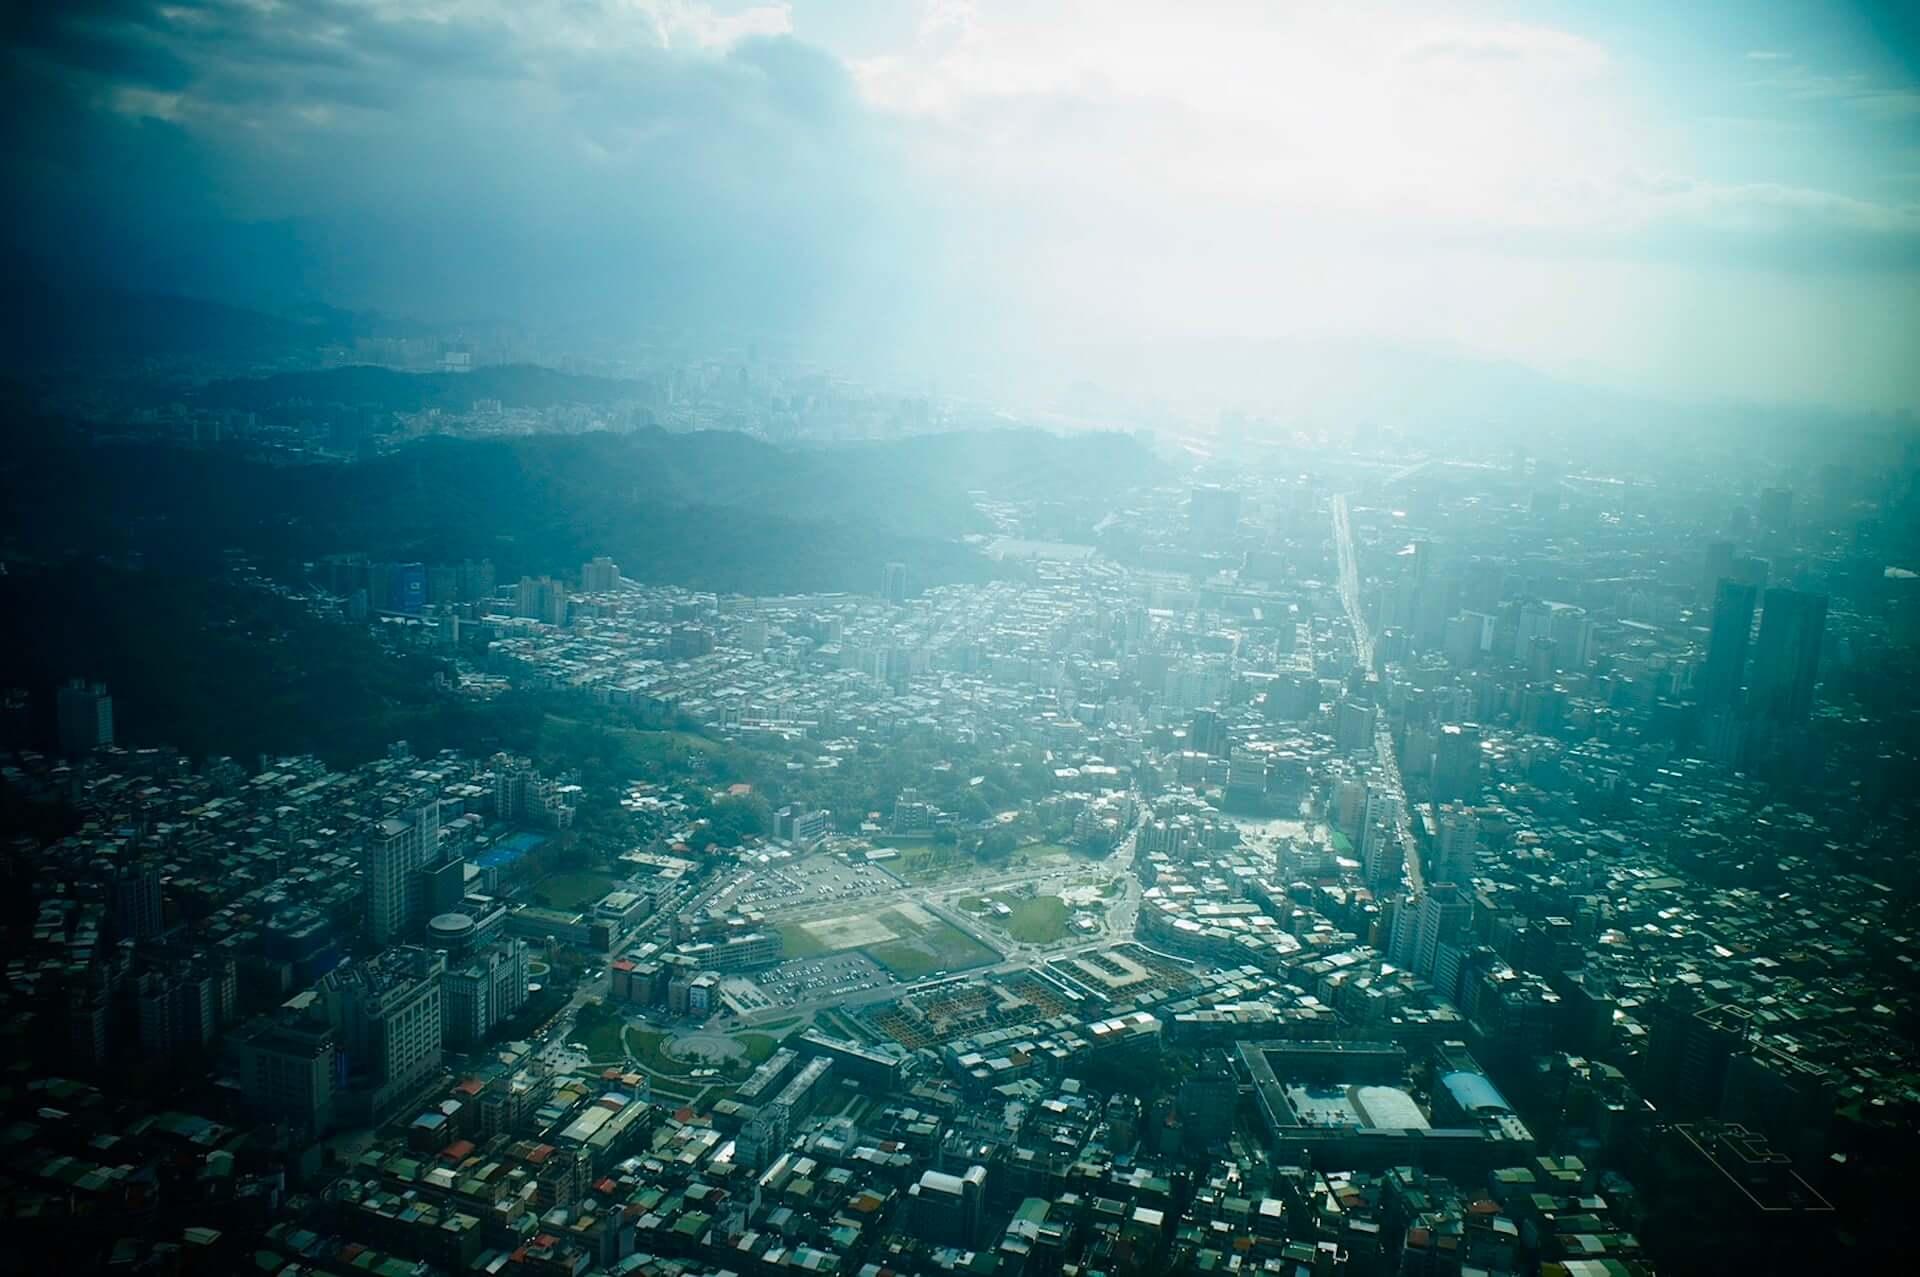 珠 鈴×松㟢翔平 台湾でどこ行く なに食べる?好好台湾対談 interview_shuri_matsuaki_07-1920x1277